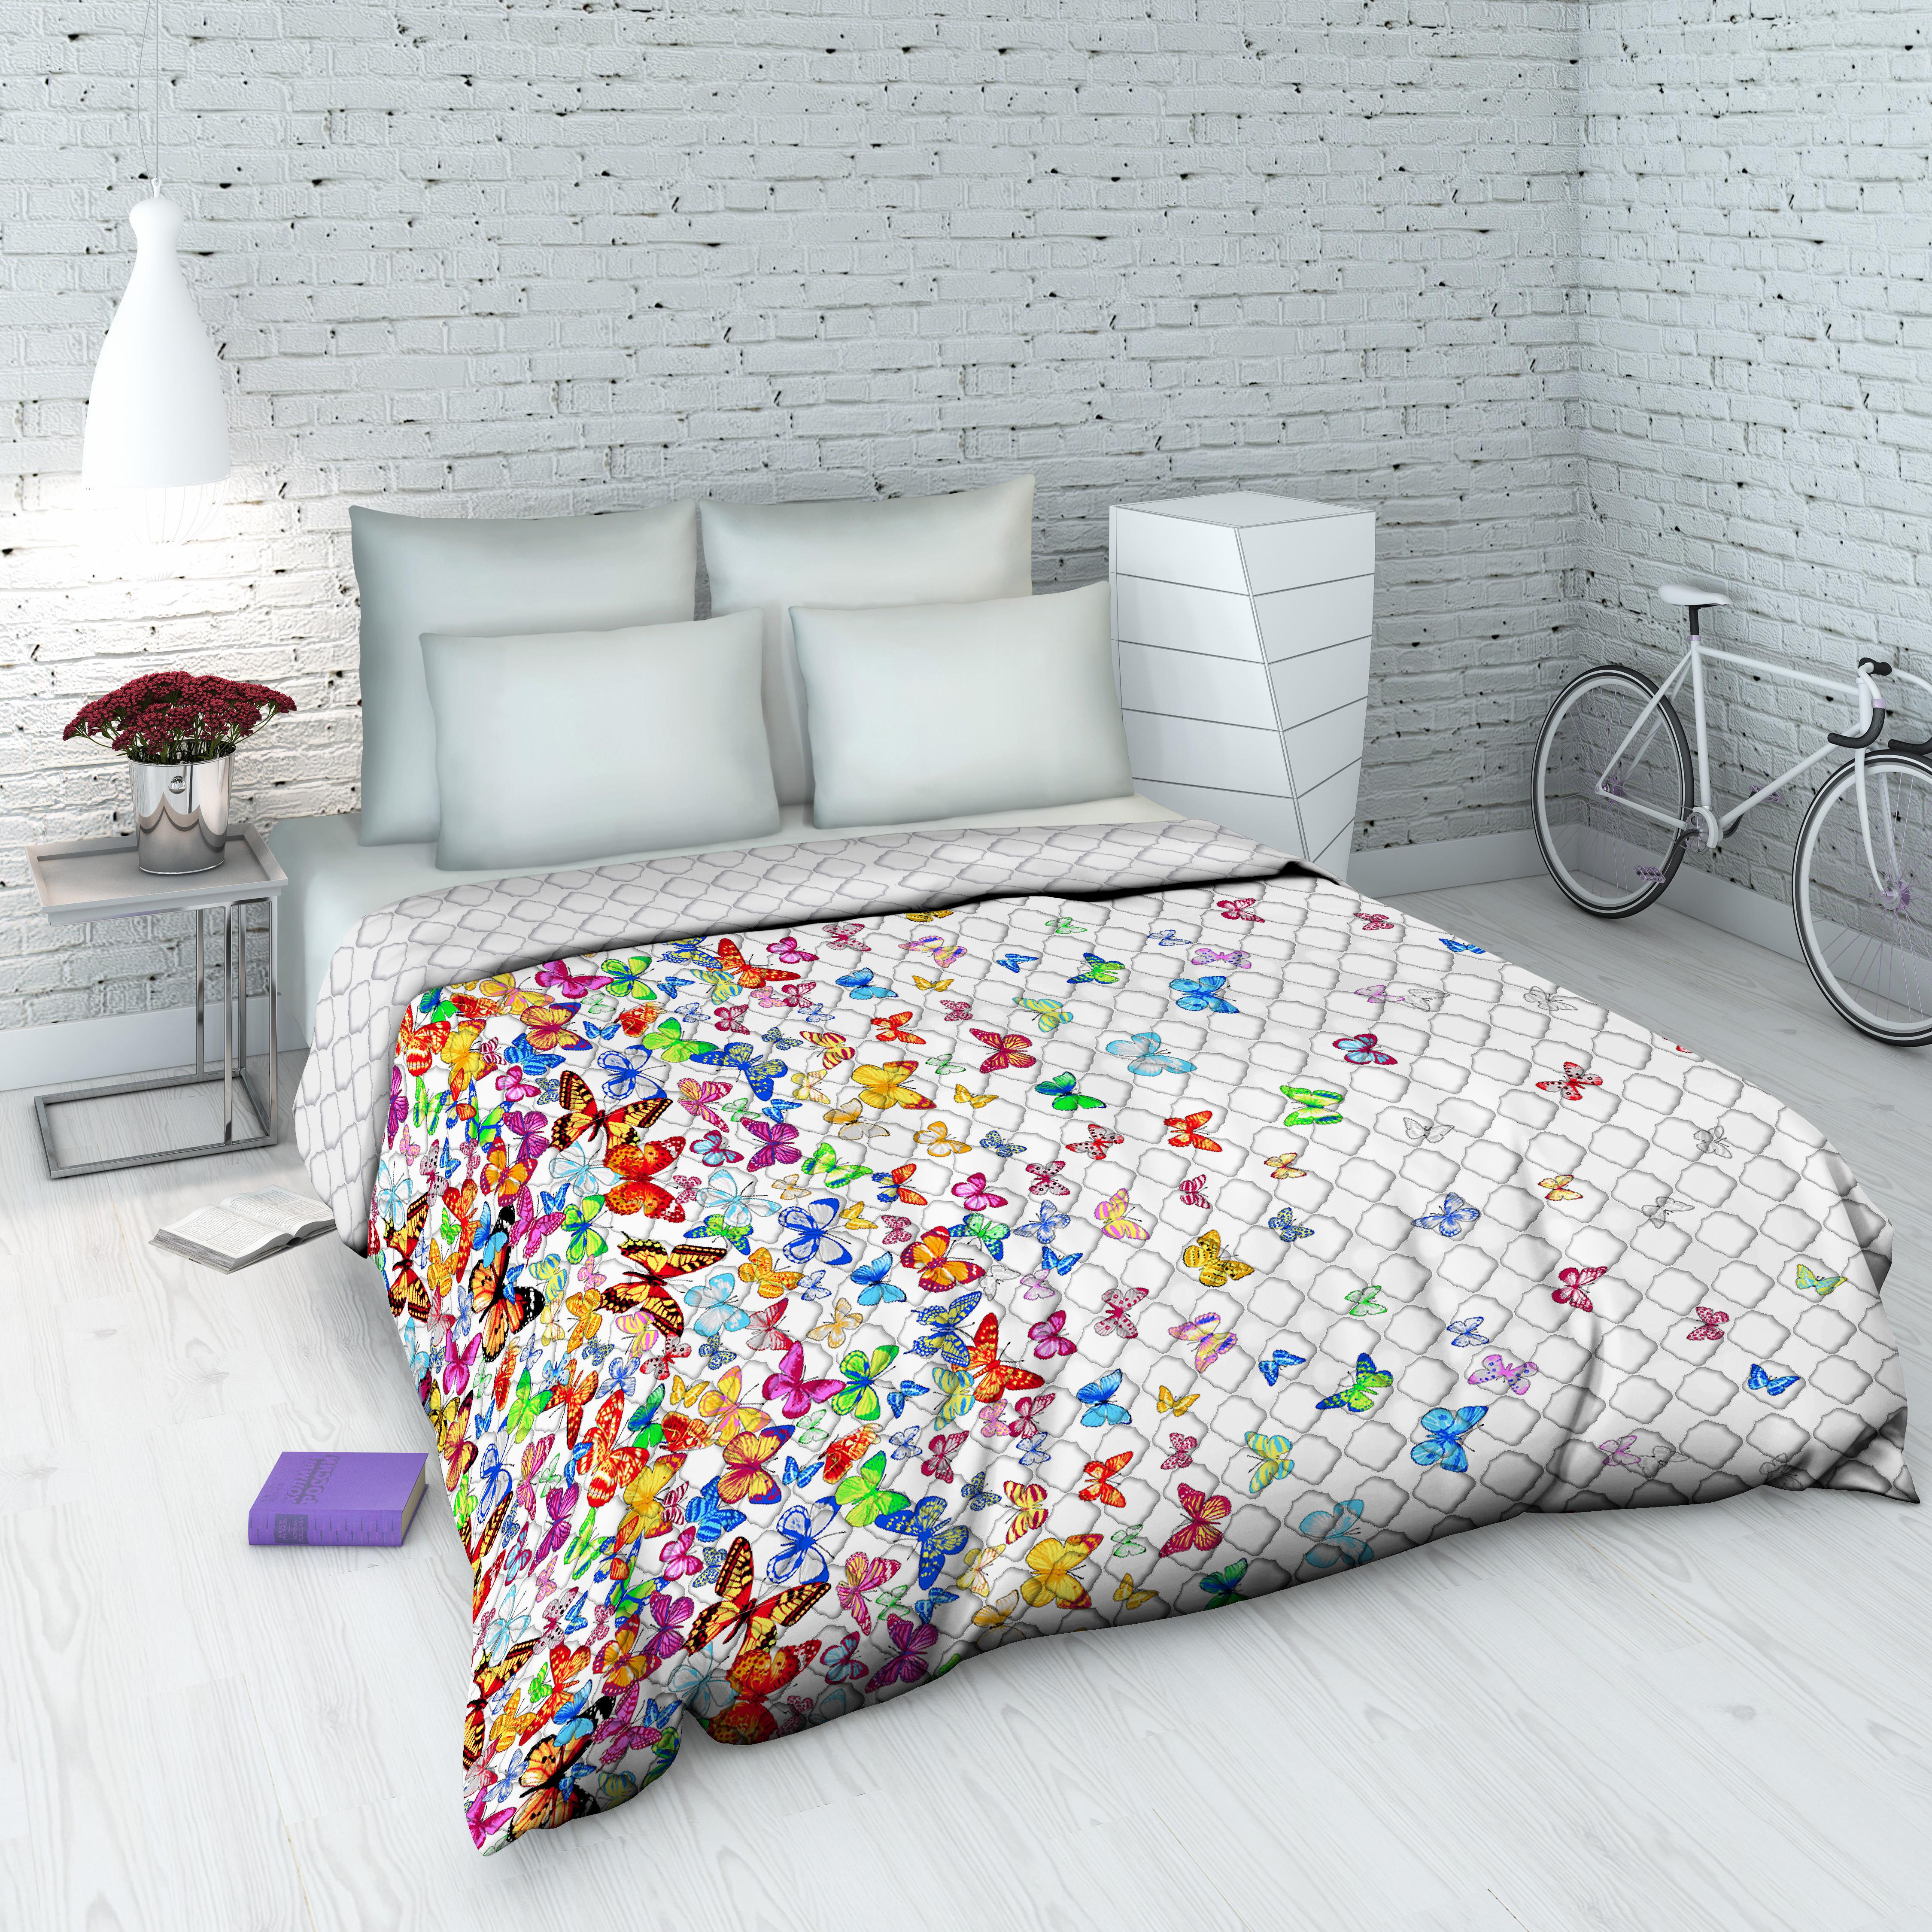 Покрывало Василиса На даче, 145 х 205 см, цвет: белыйES-412Декоративное стеганое покрывало из хлопка - привычный аксессуар для многих спален. Приятное на ощупь и красивое на вид. Может использоваться как покрывало в интерьере гостиных, детских, спален (особенно в загородных домах), так и в качестве облегченного одеяла в летний сезон. Чехол - бязь, 100% хлопок, наполнитель - силиконизированное волокно.